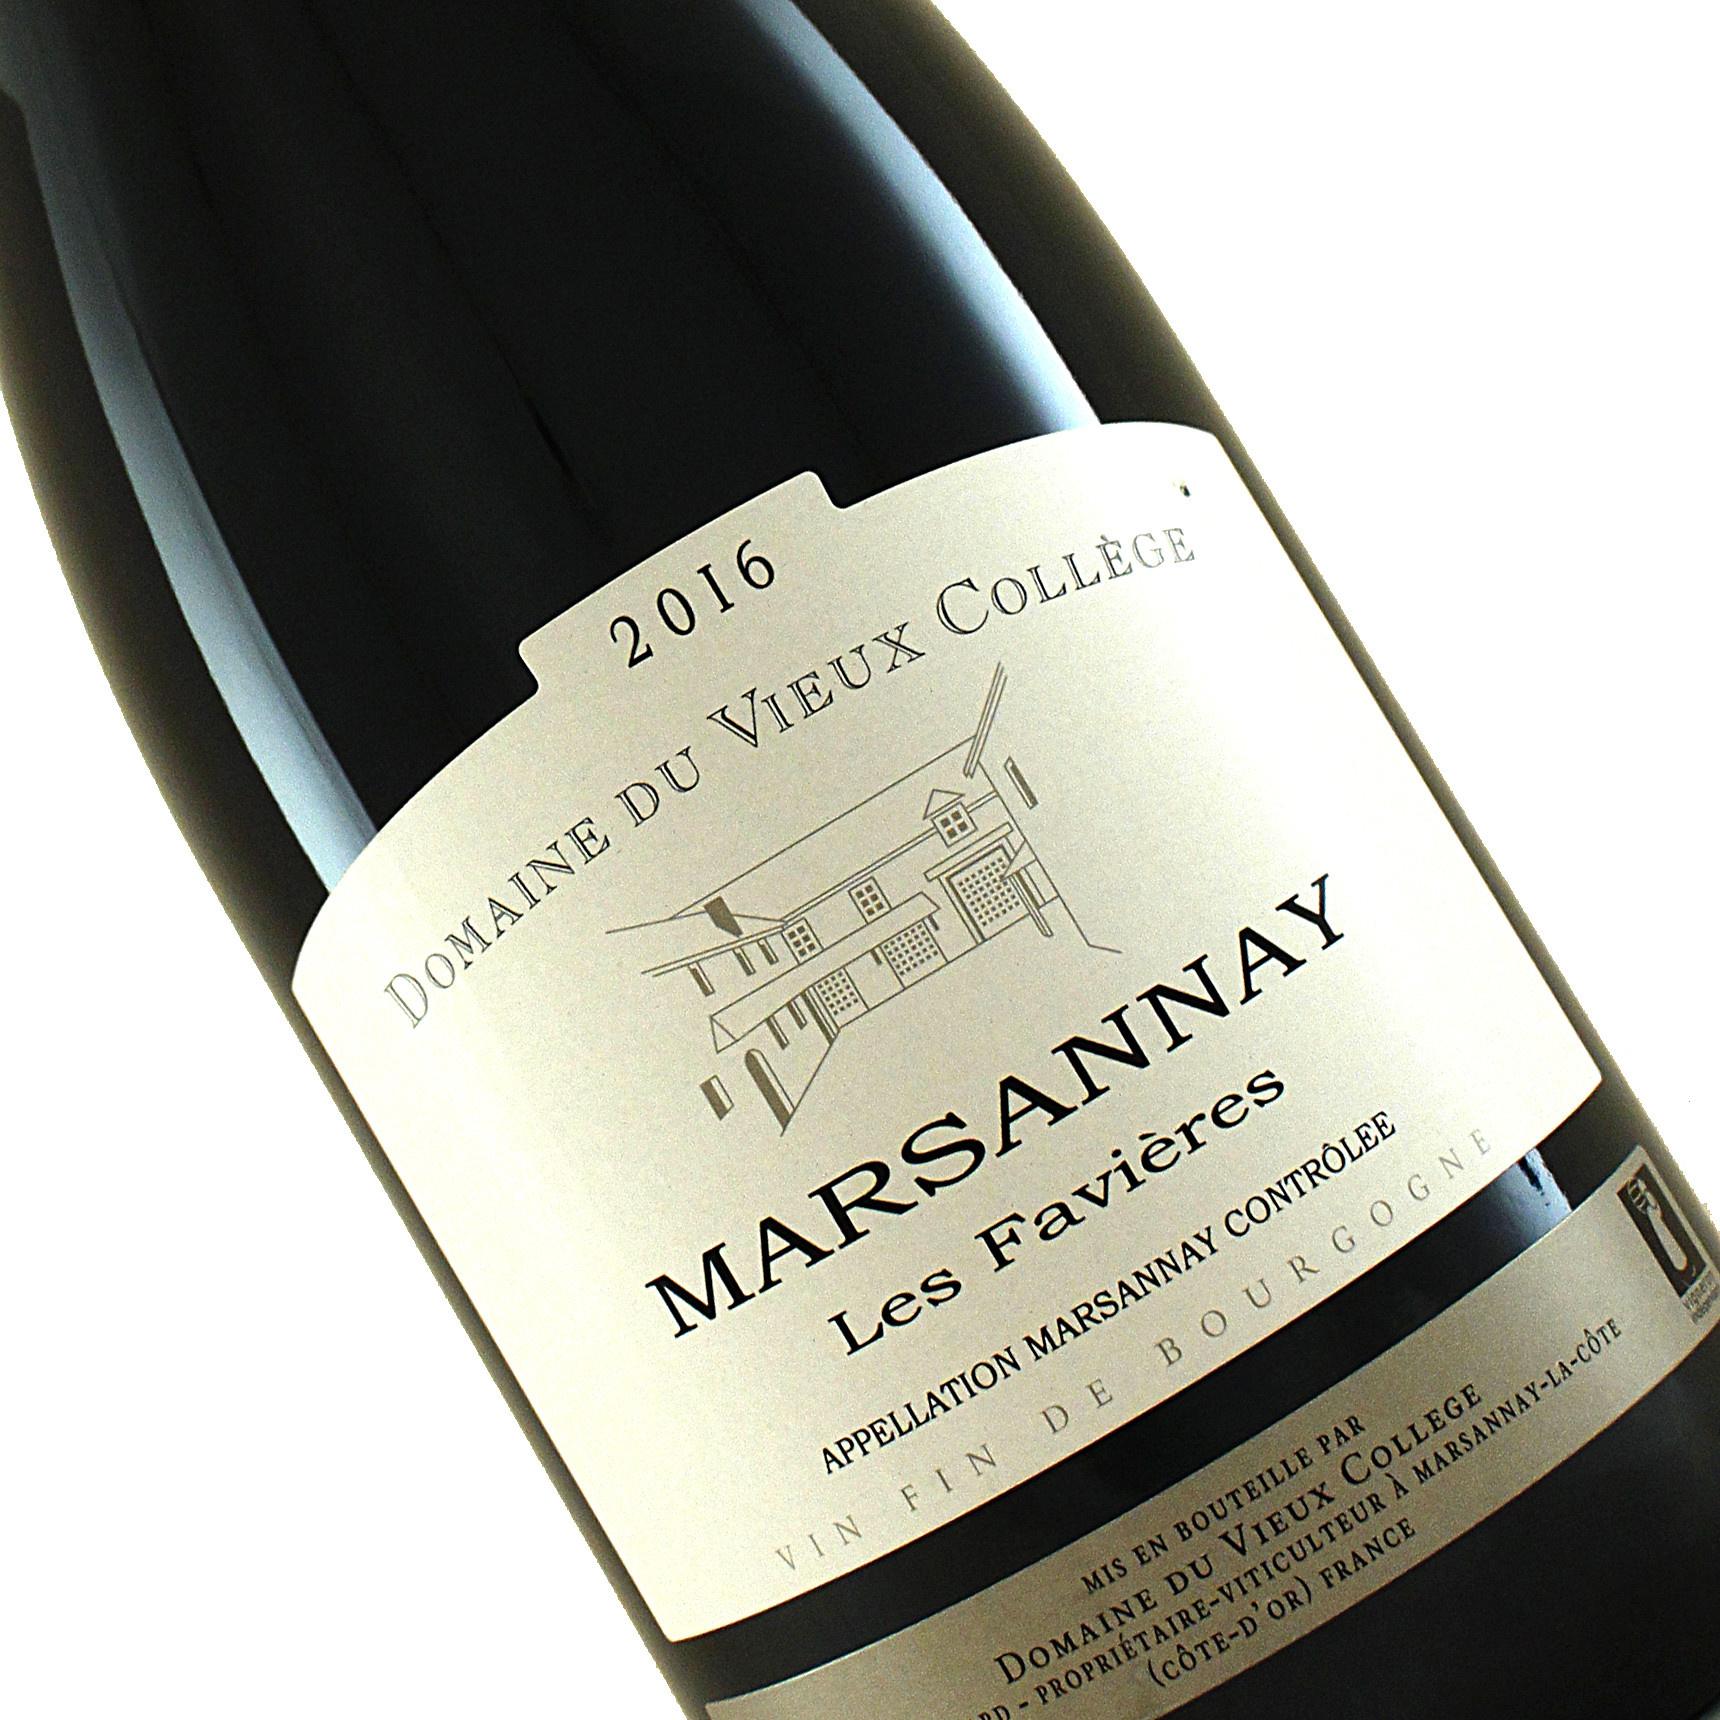 Domaine du Vieux College 2016 Les Favieres Marsannay,